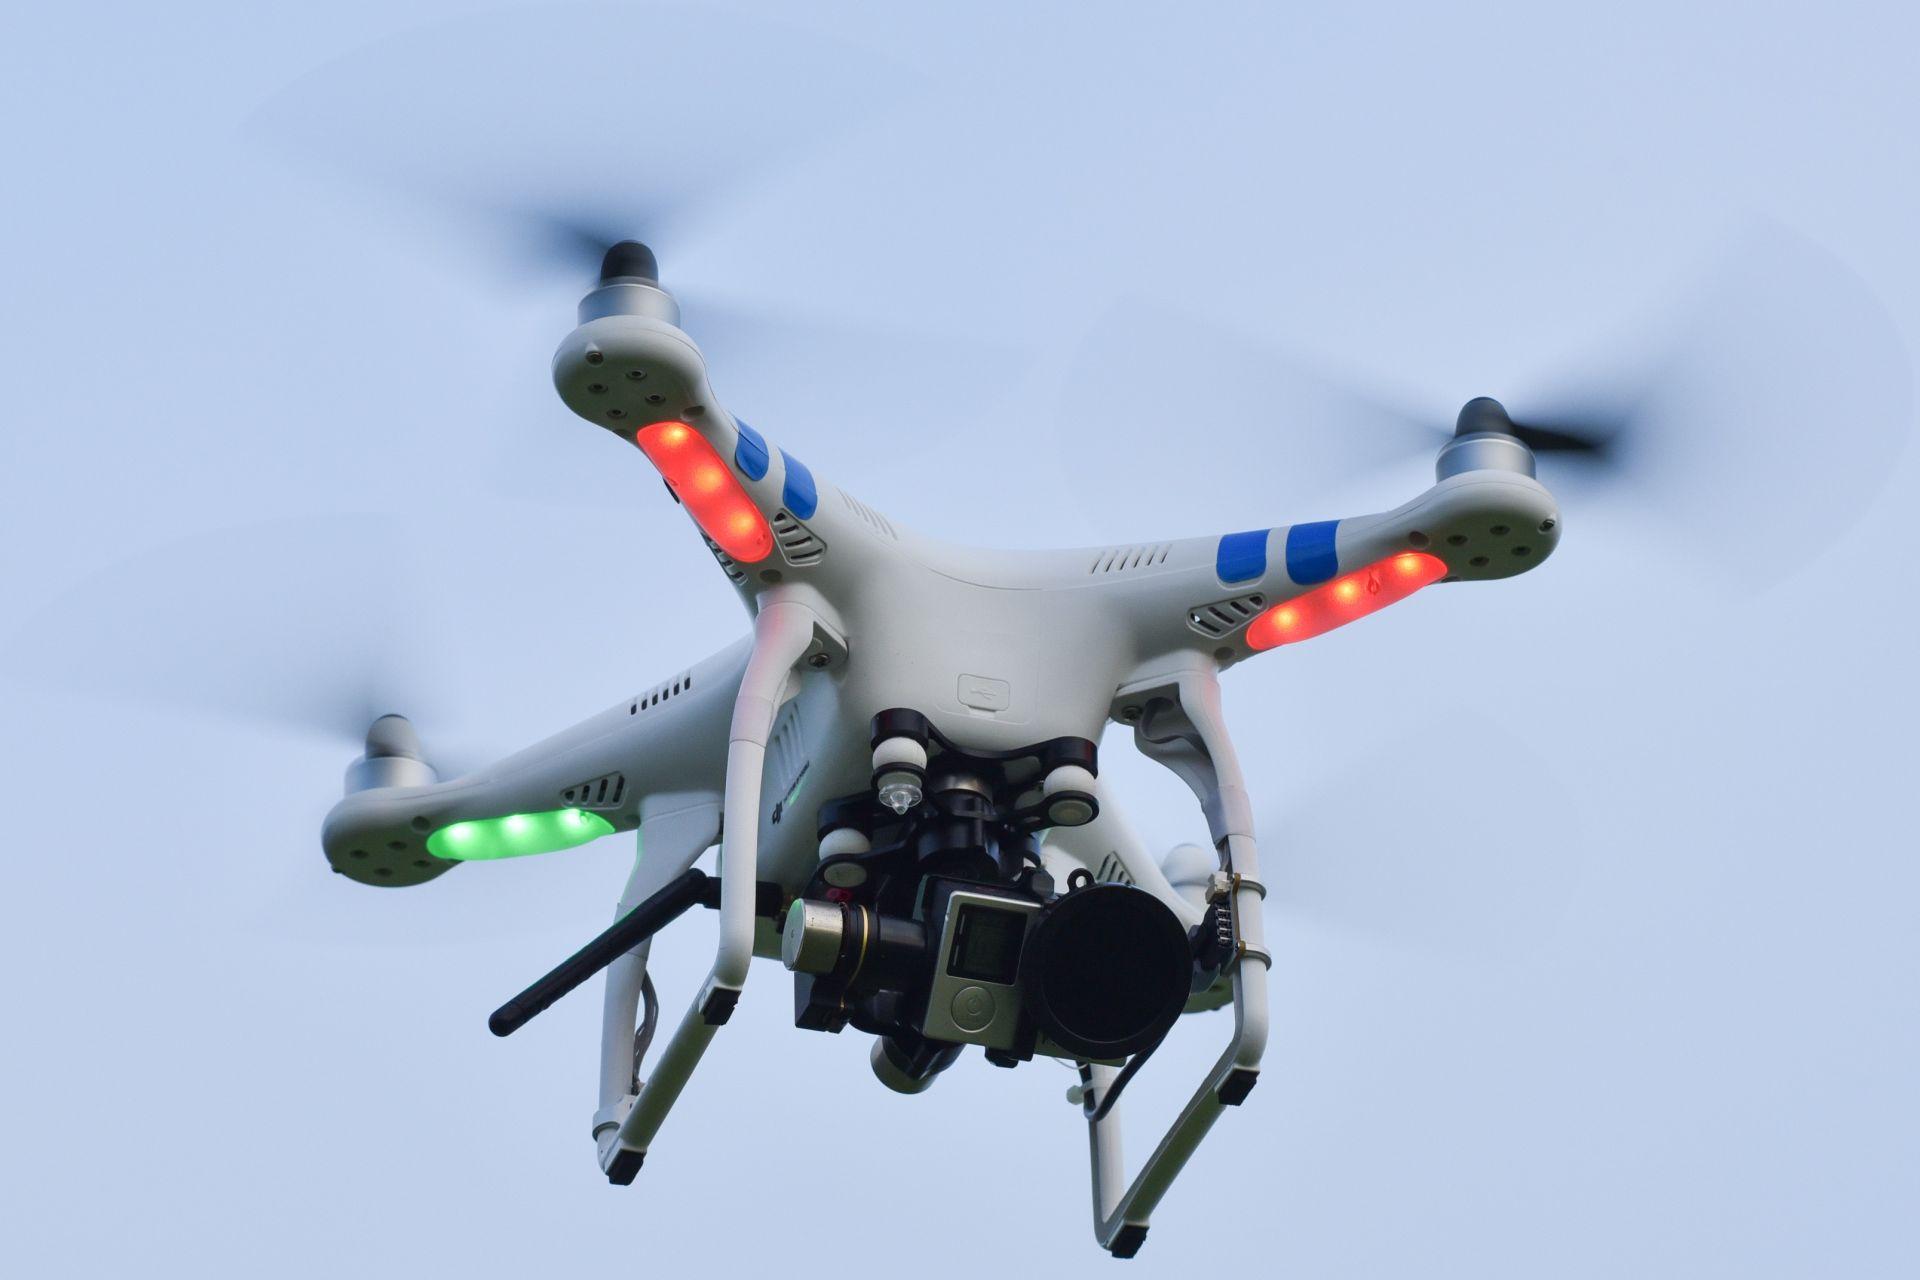 Fliegende Drohne mit Kamera und leuchtenden Positionsanzeigen als Beispiel für eine Produkt-Innovation der Innovationsarten